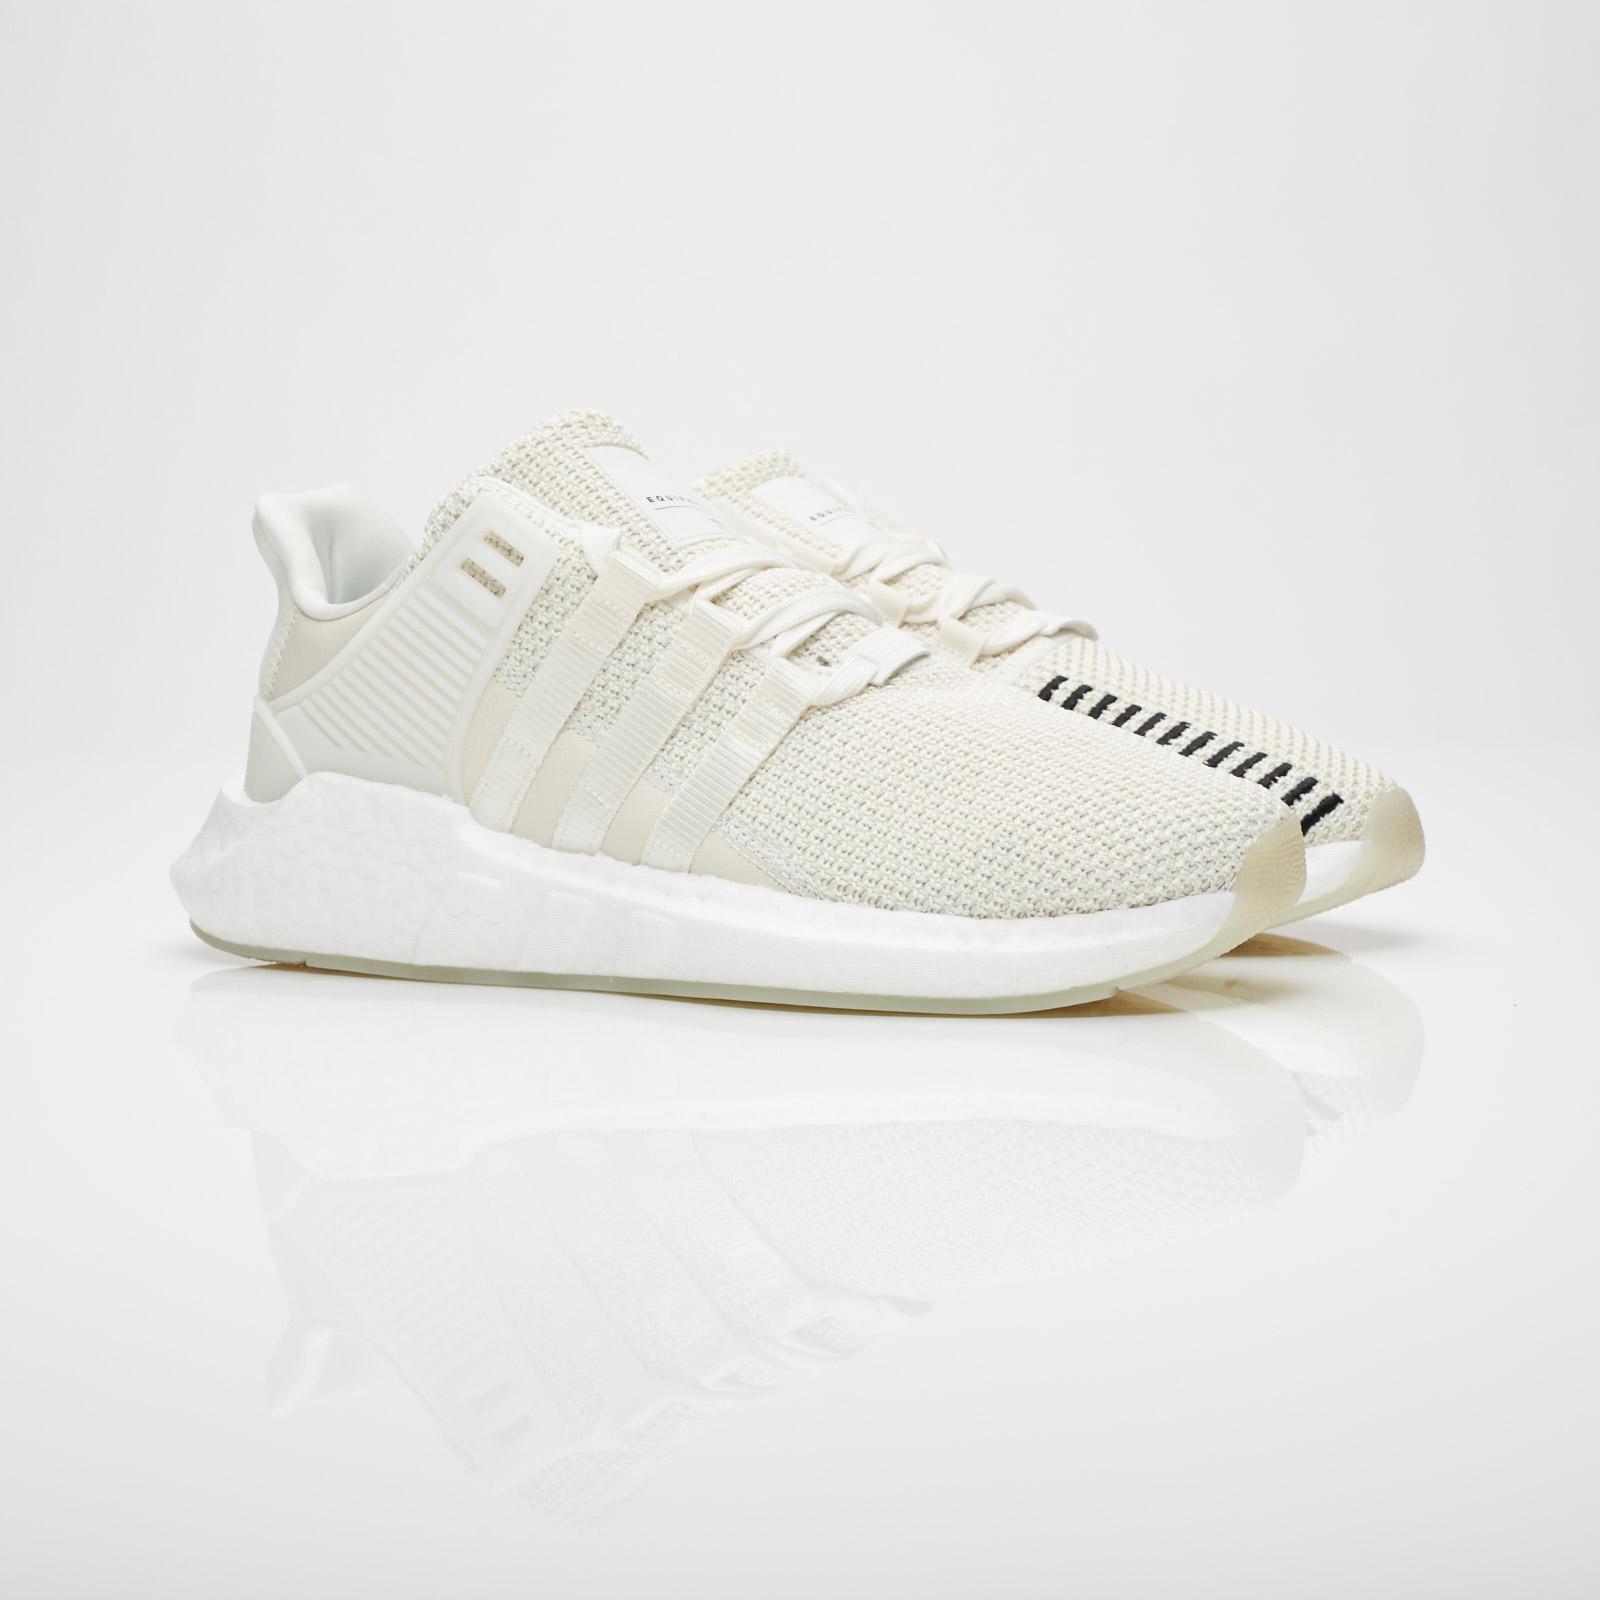 adidas originals unisex sneaker eqt support 93 17